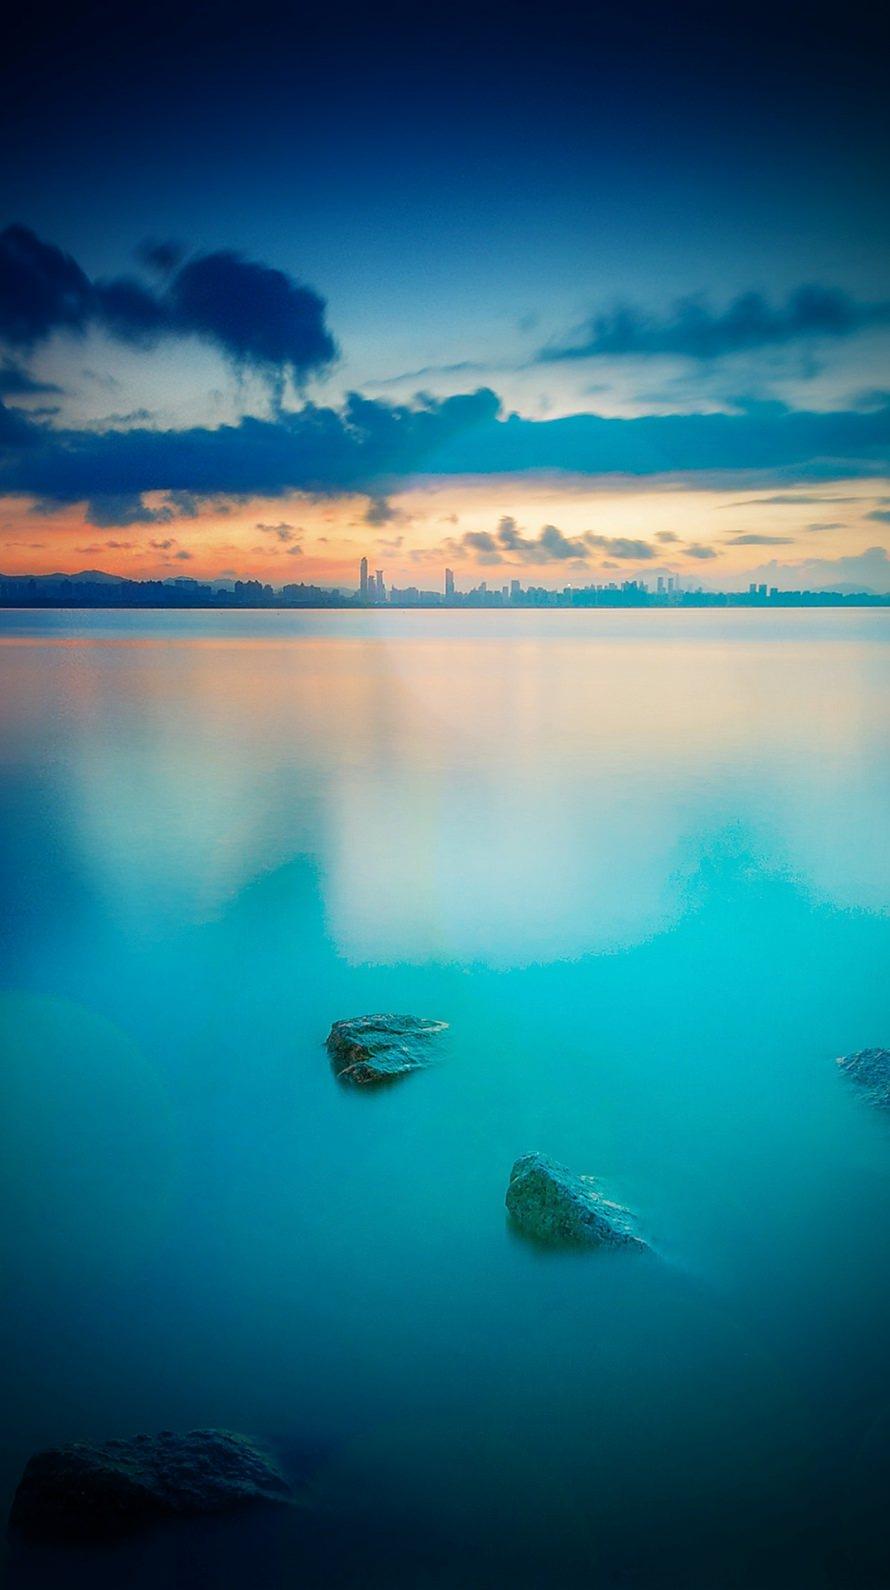 静寂の青い風景 iPhone6壁紙